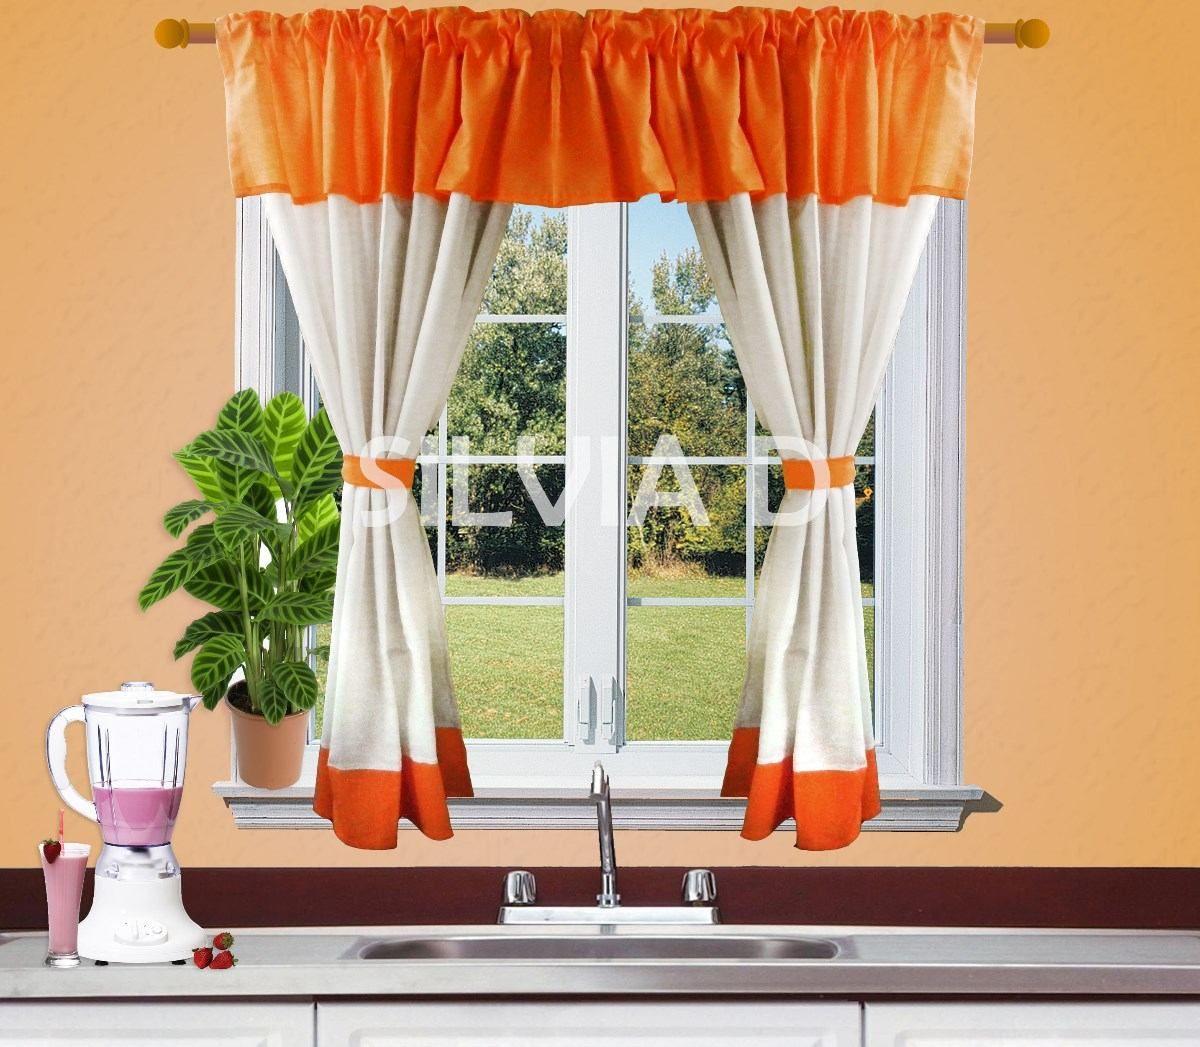 Como hacer cortinas paso a paso gratis buscar con google - Cortinas de cocinas ...